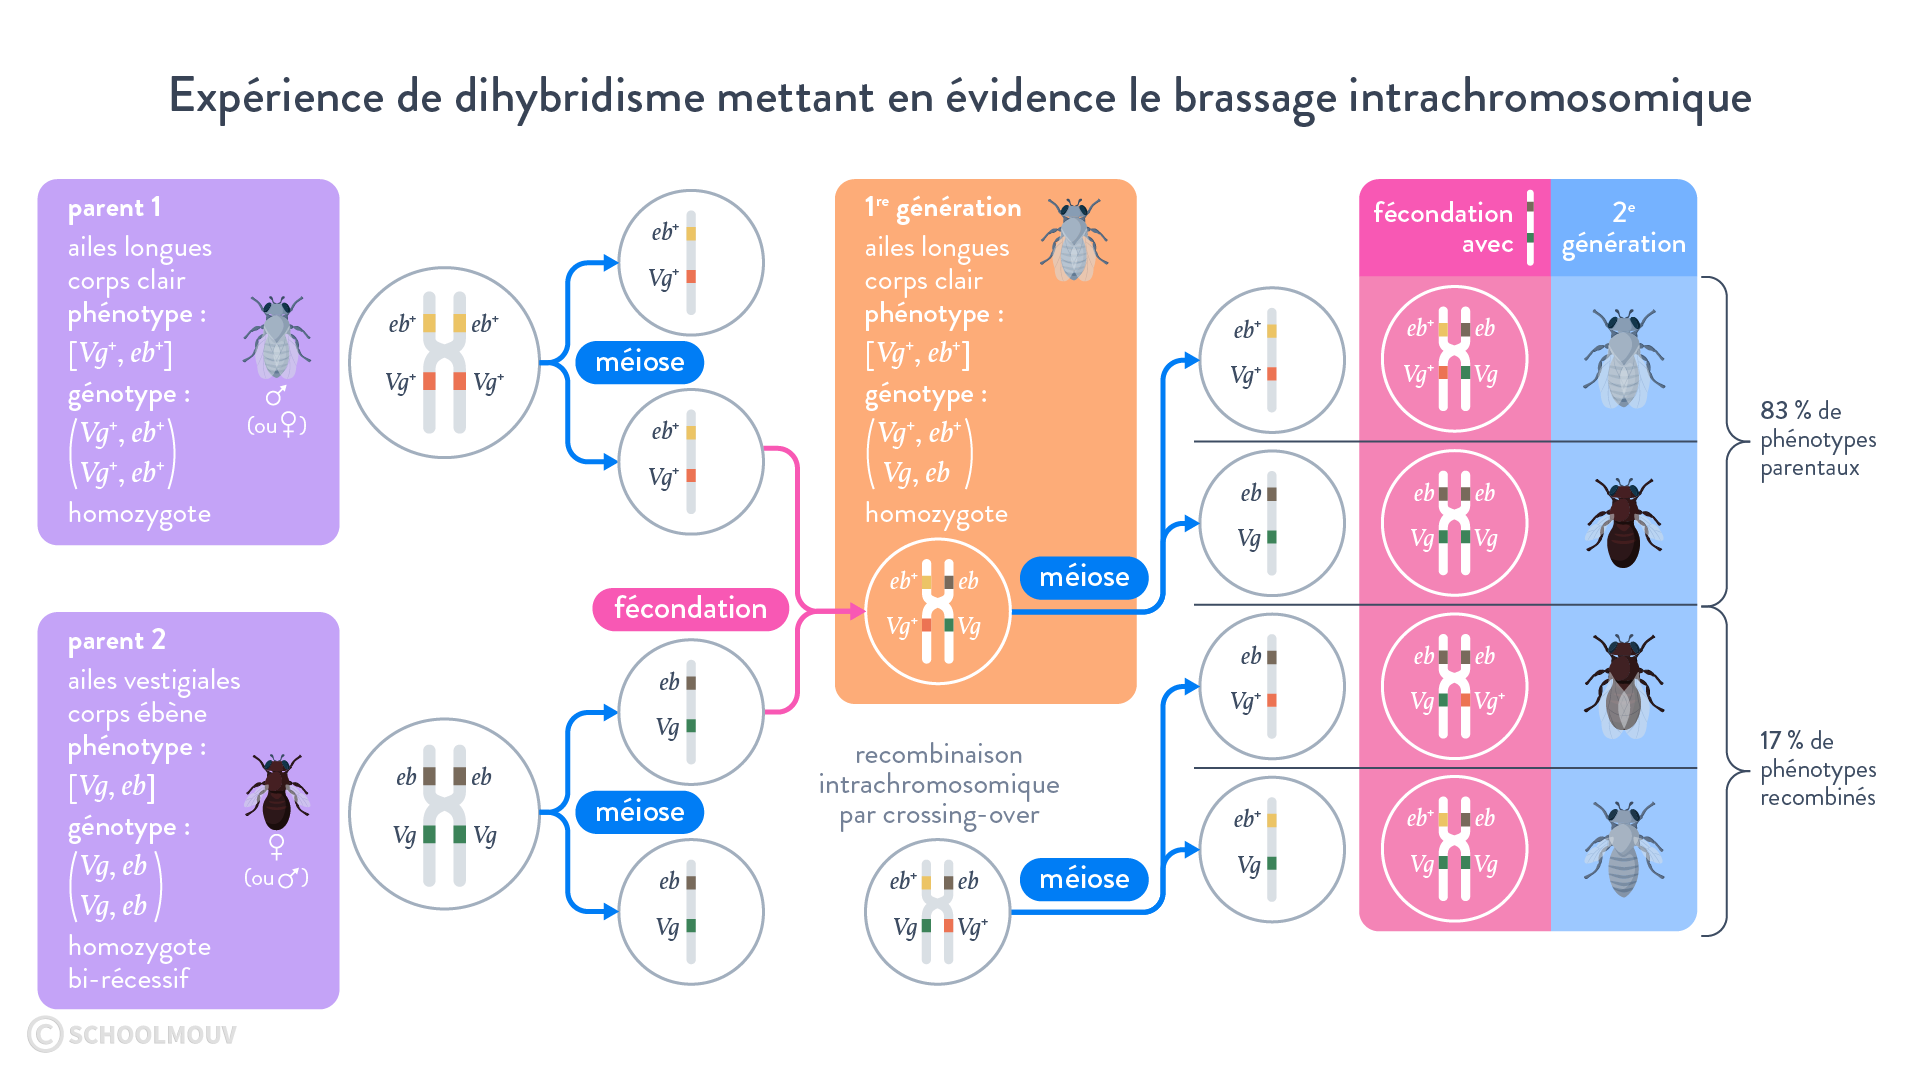 Expérience de dihybridisme mettant en évidence le brassage intrachromosomique